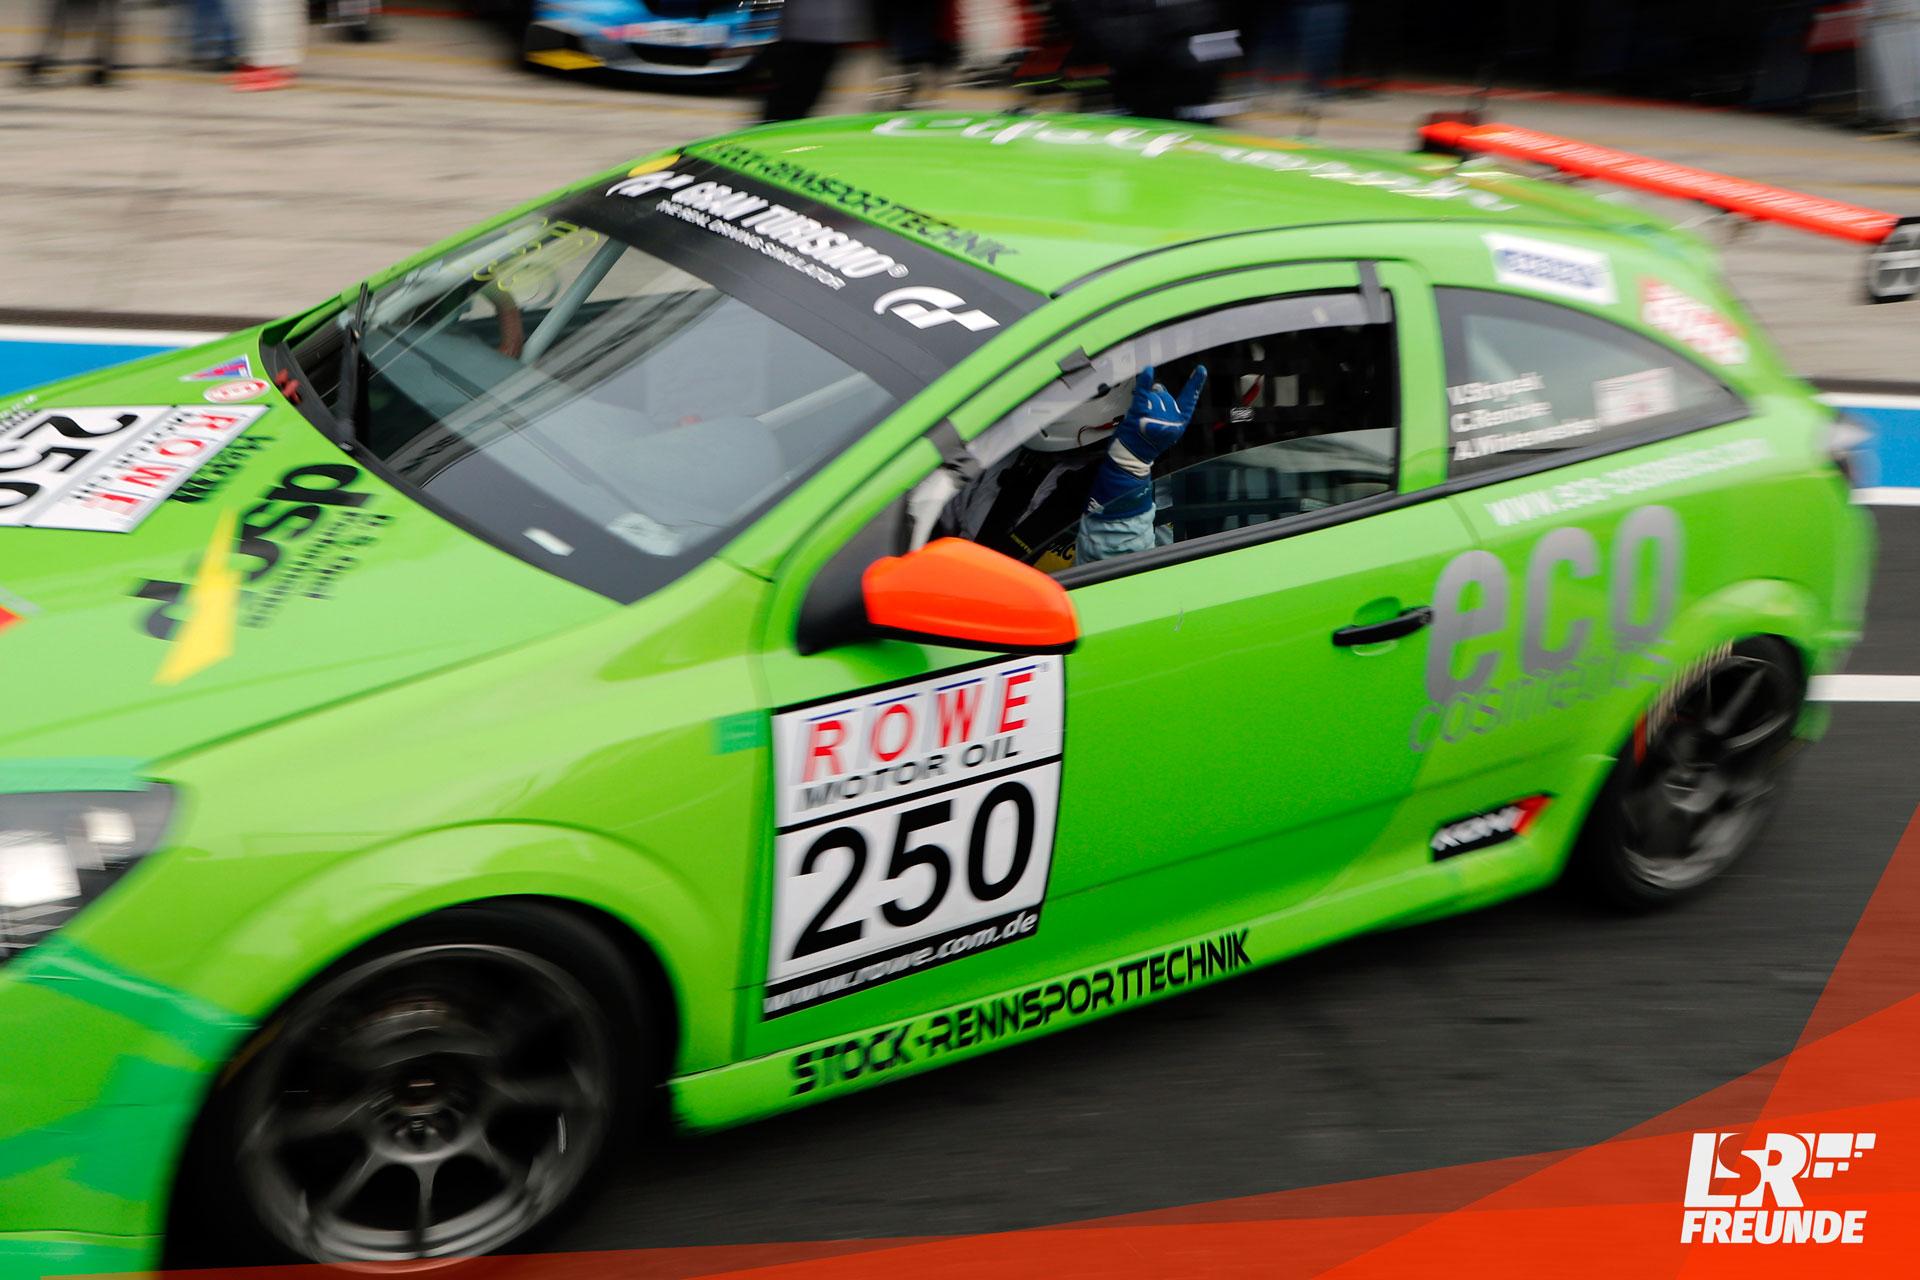 Eifelfrosch Astra GTC